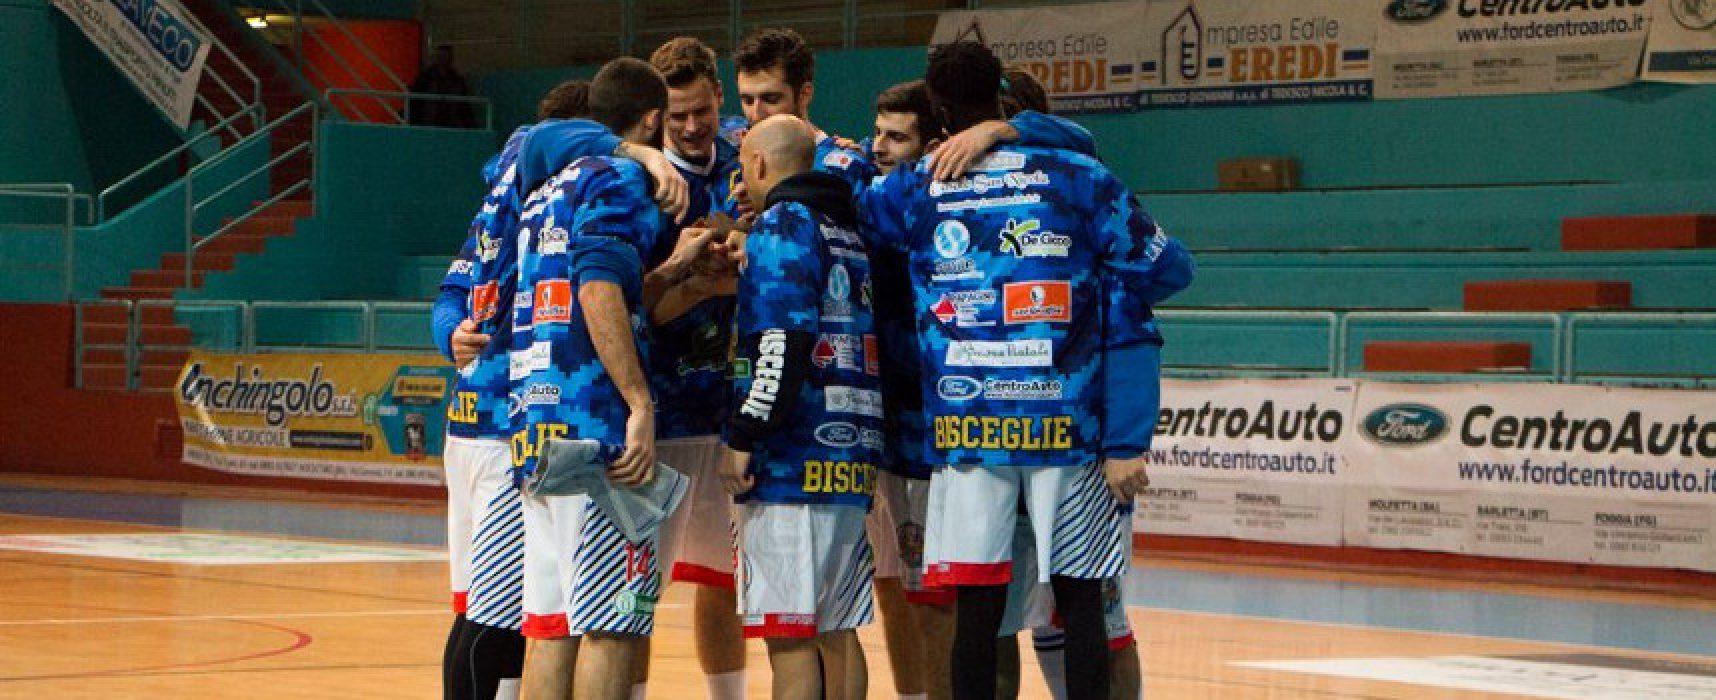 Basket, Di Pinto Panifici a Senigallia alla ricerca del quarto successo consecutivo